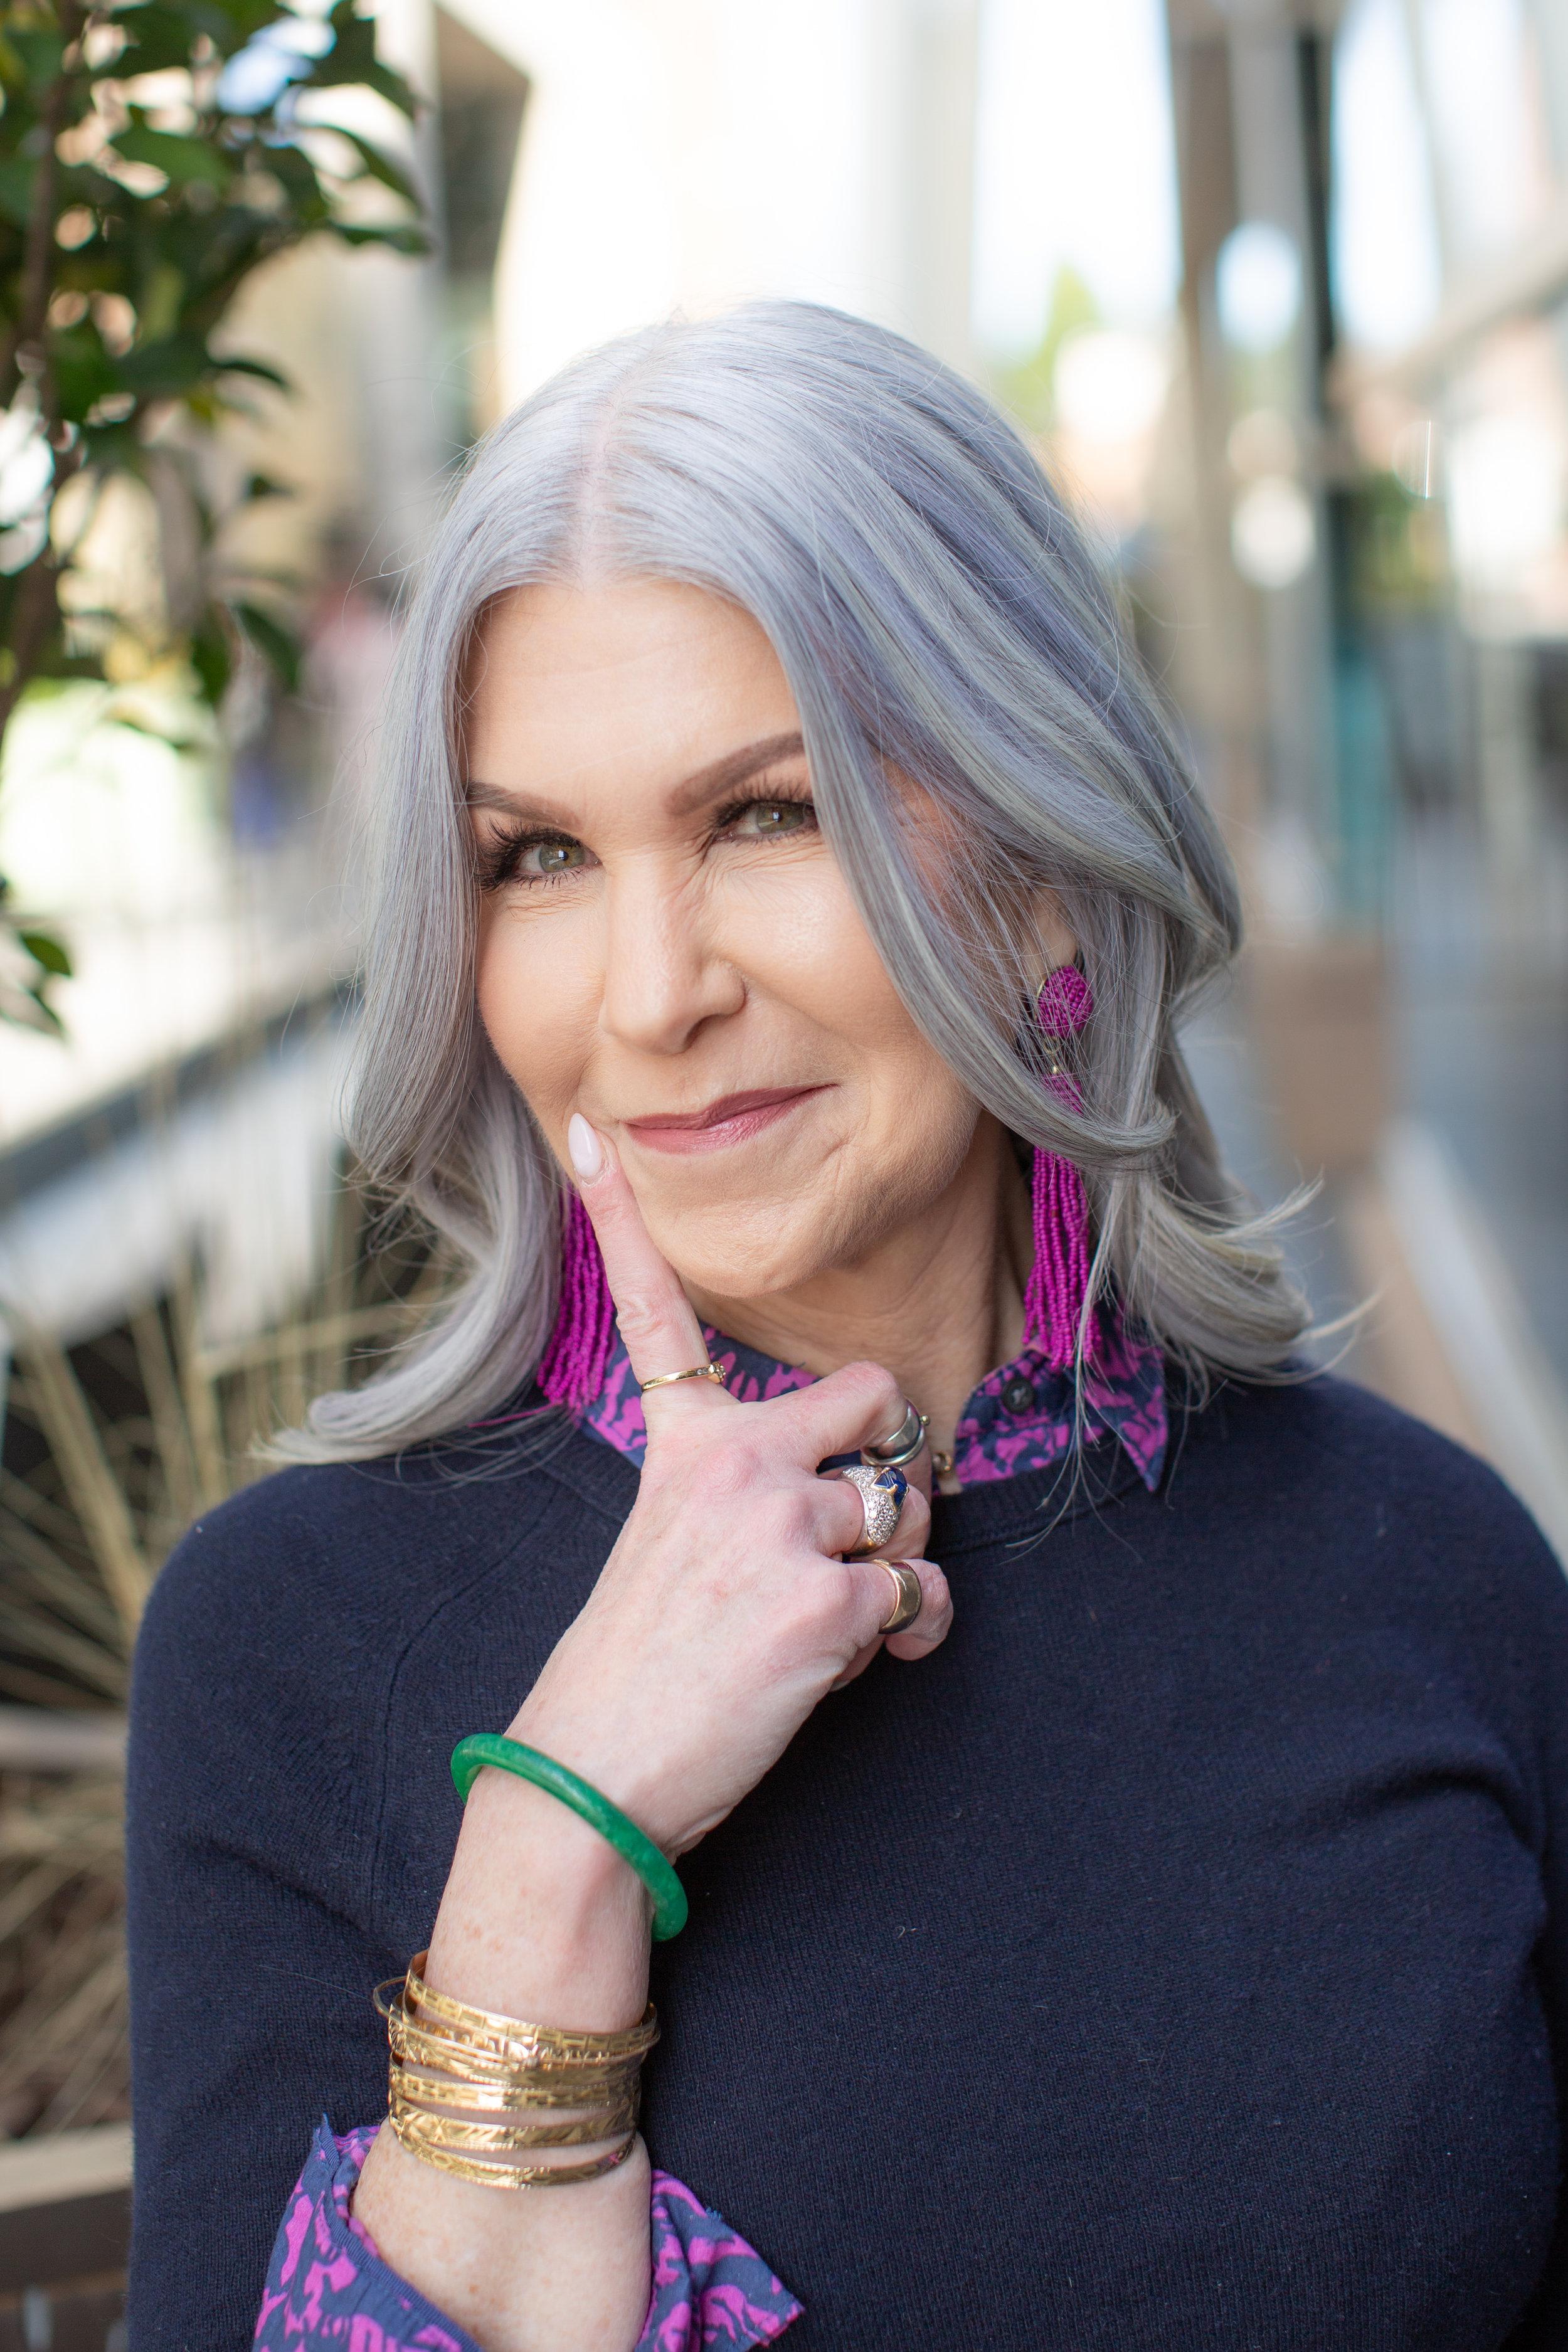 Lisa Hale gingham pants greenville 2019-37.jpg